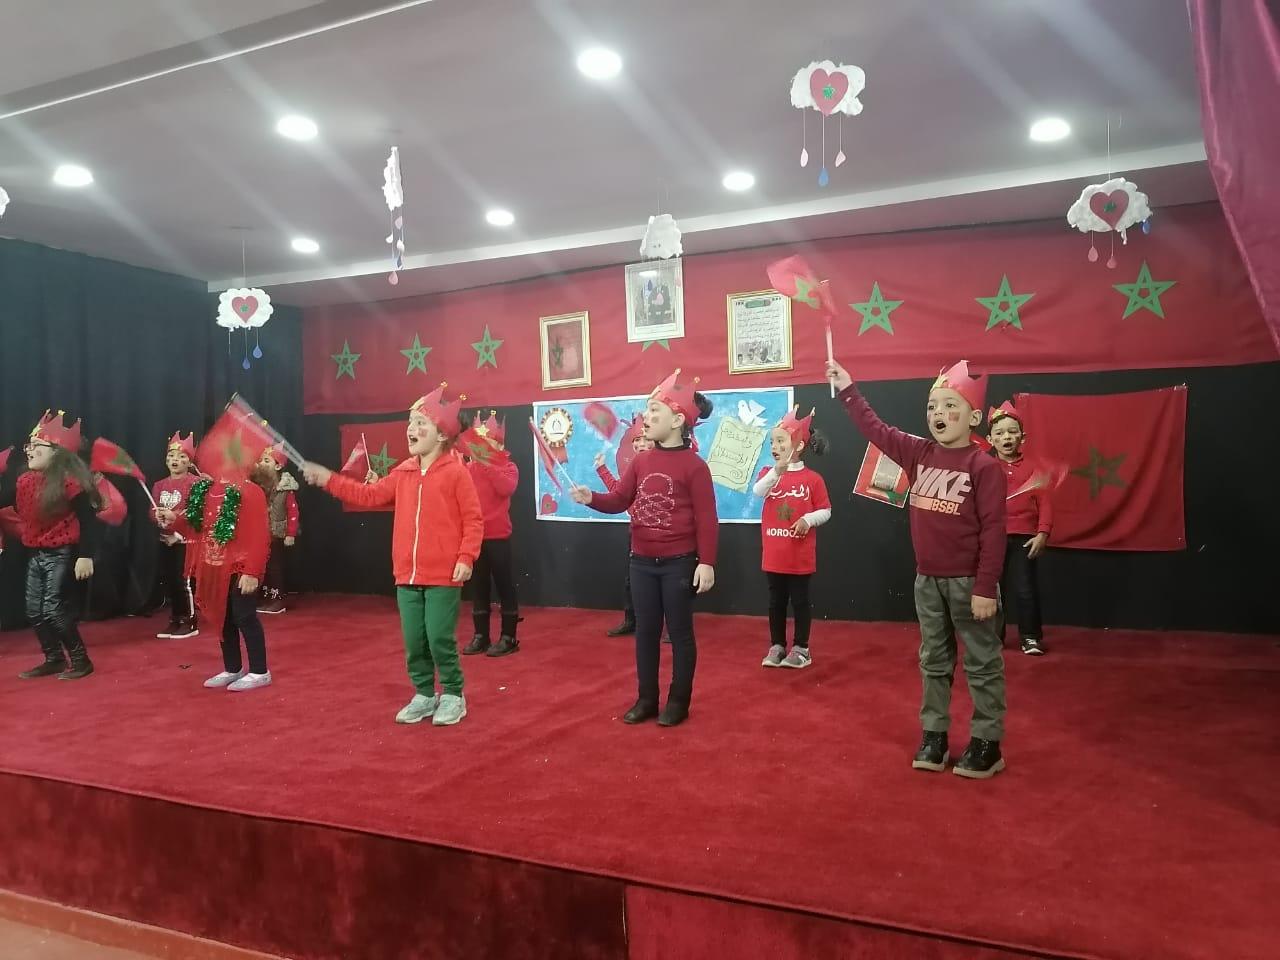 مجموعة مدارس البلسم الخاصة بالجديدة تحتفي بذكرى تقديم وثيقة الاستقلال